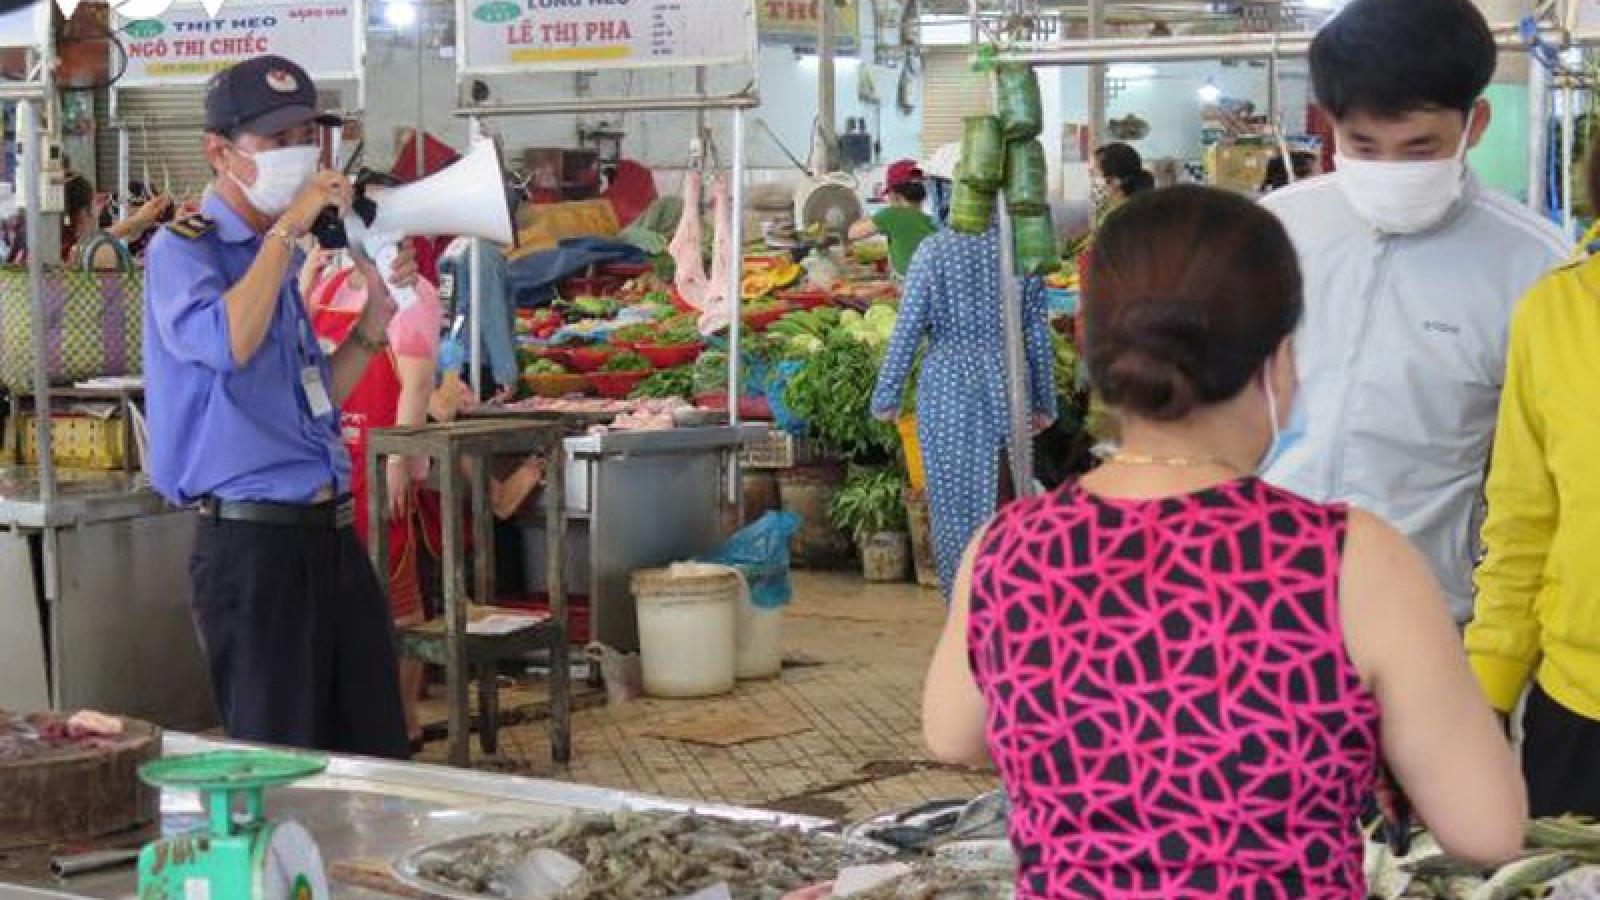 Đà Nẵng tăng cường kiểm soát tại các chợ để phòng dịch